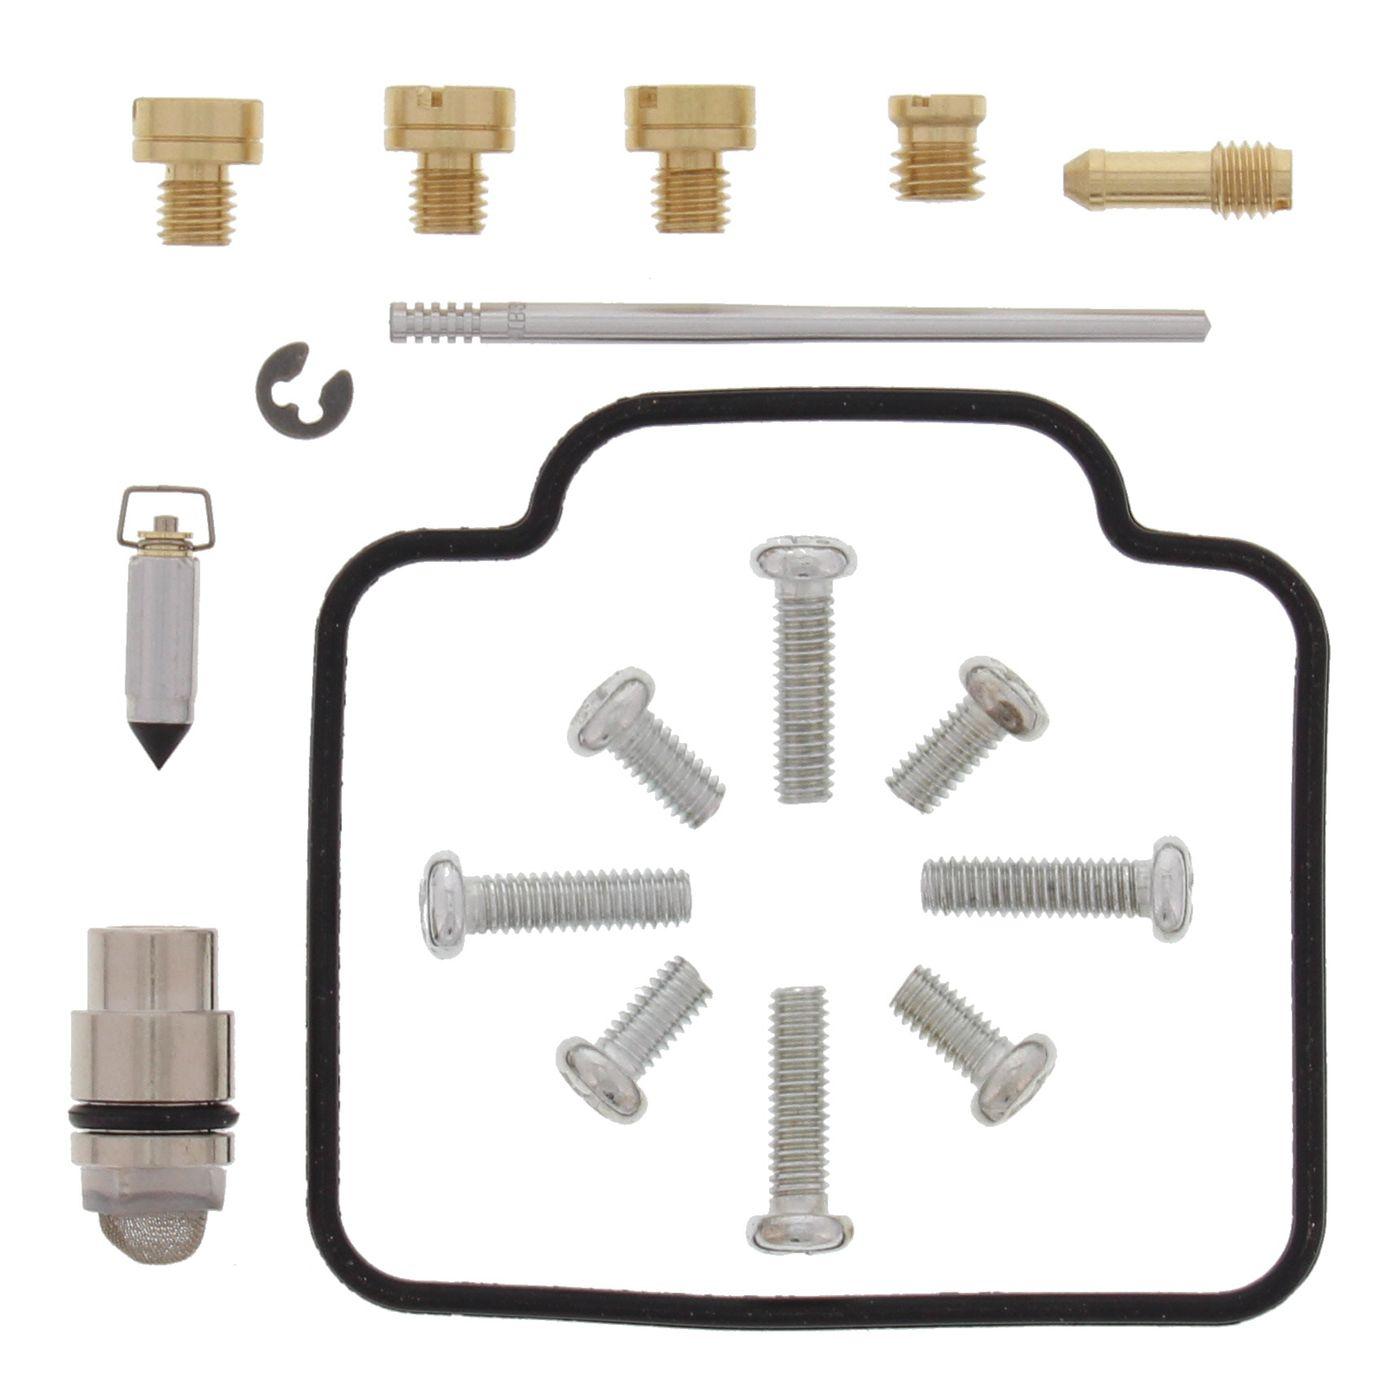 Wrp Carb Repair Kits - WRP261024 image